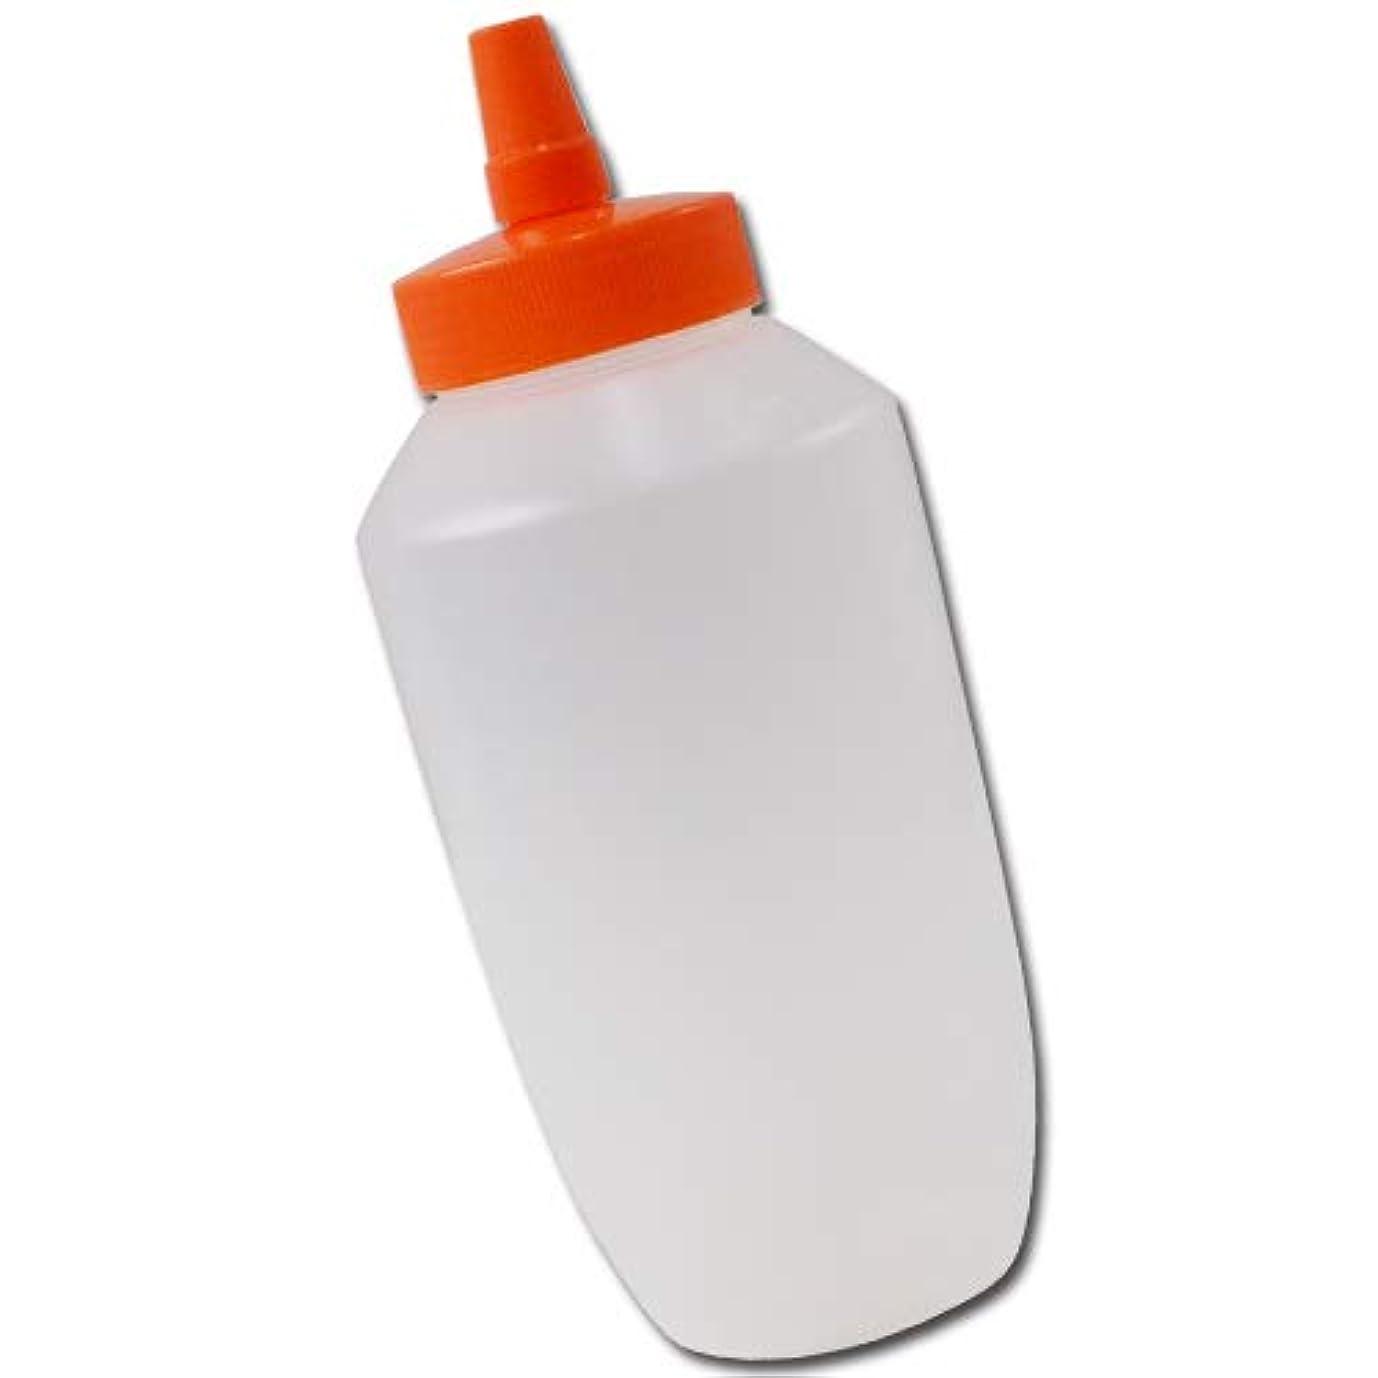 はちみつ容器740mll(オレンジキャップ)│業務用ローションや調味料の小分けに詰め替え用ハチミツ容器(蜂蜜容器)はちみつボトルビッグな特大サイズ